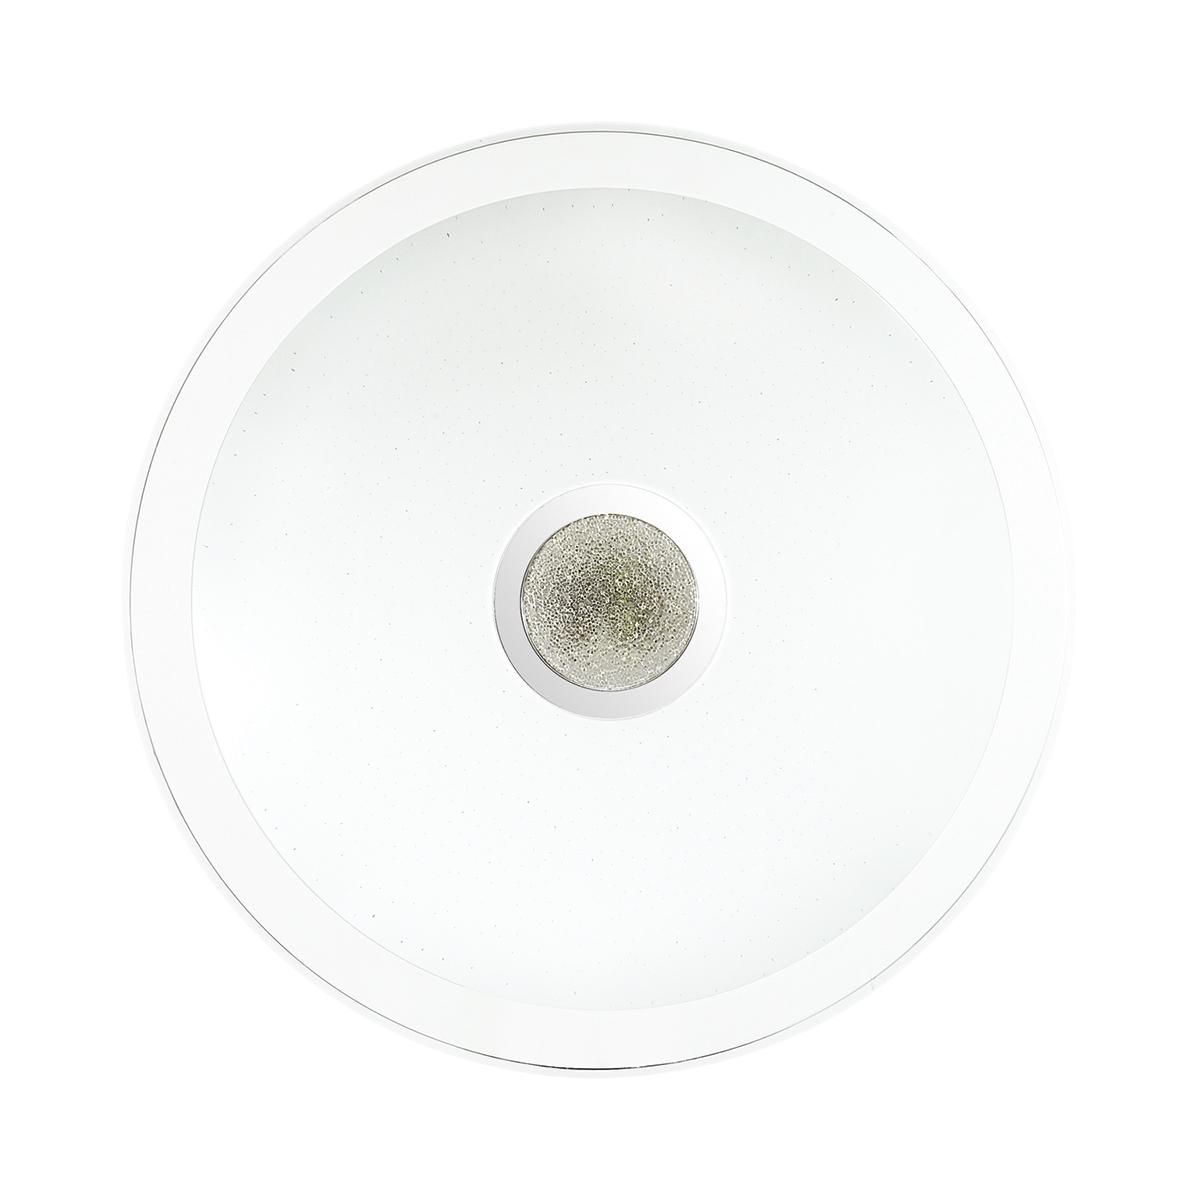 Потолочный светодиодный светильник с пультом ДУ Sonex Galeo 2054/EL, IP43, LED 72W 3000-6500K 3612lm, белый, хром, металл, пластик - фото 3